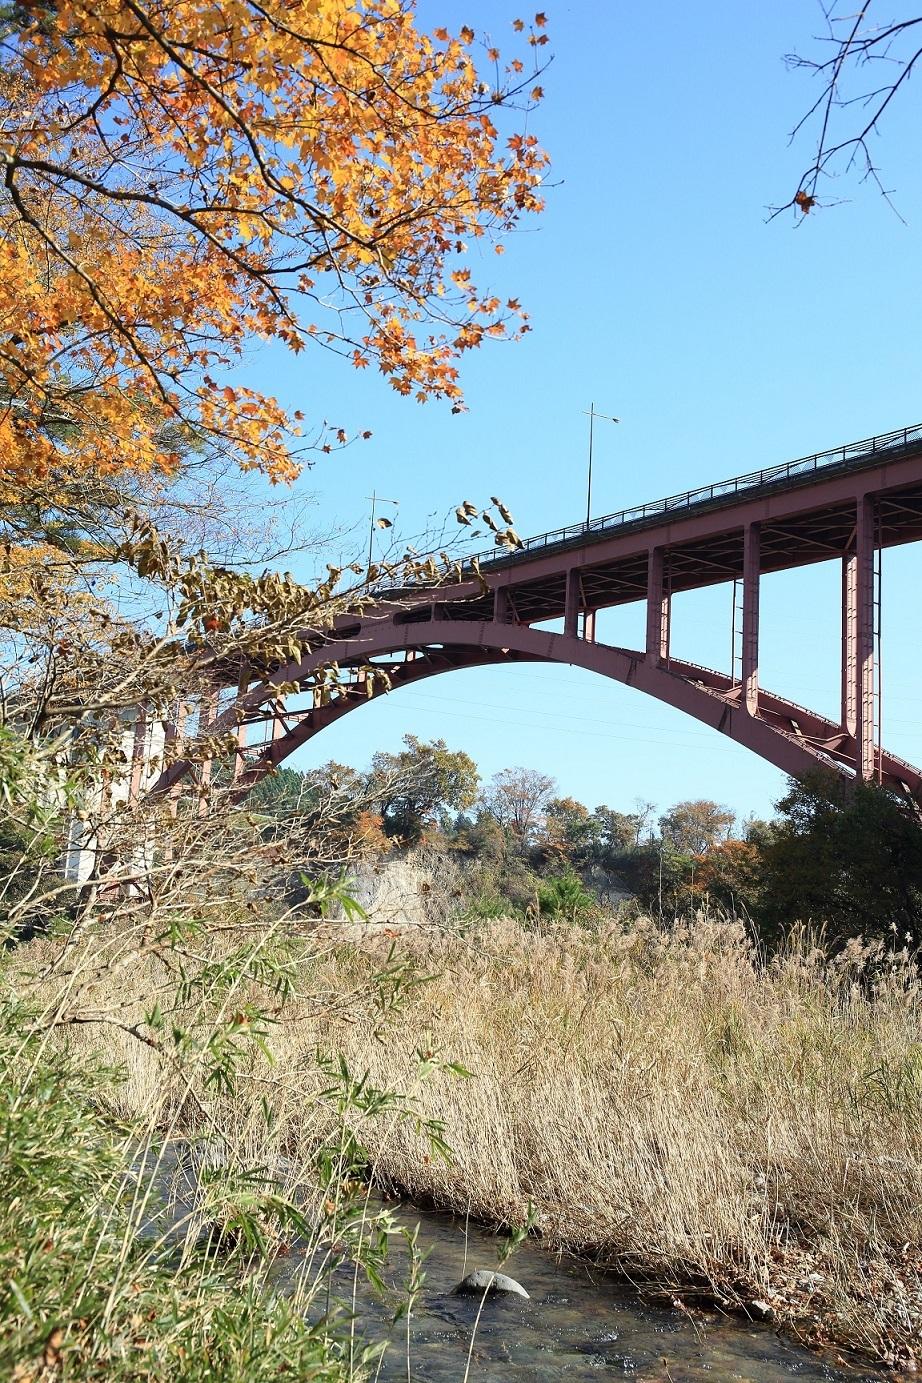 2017 11 06 ブログ  紅葉と川と橋.jpg